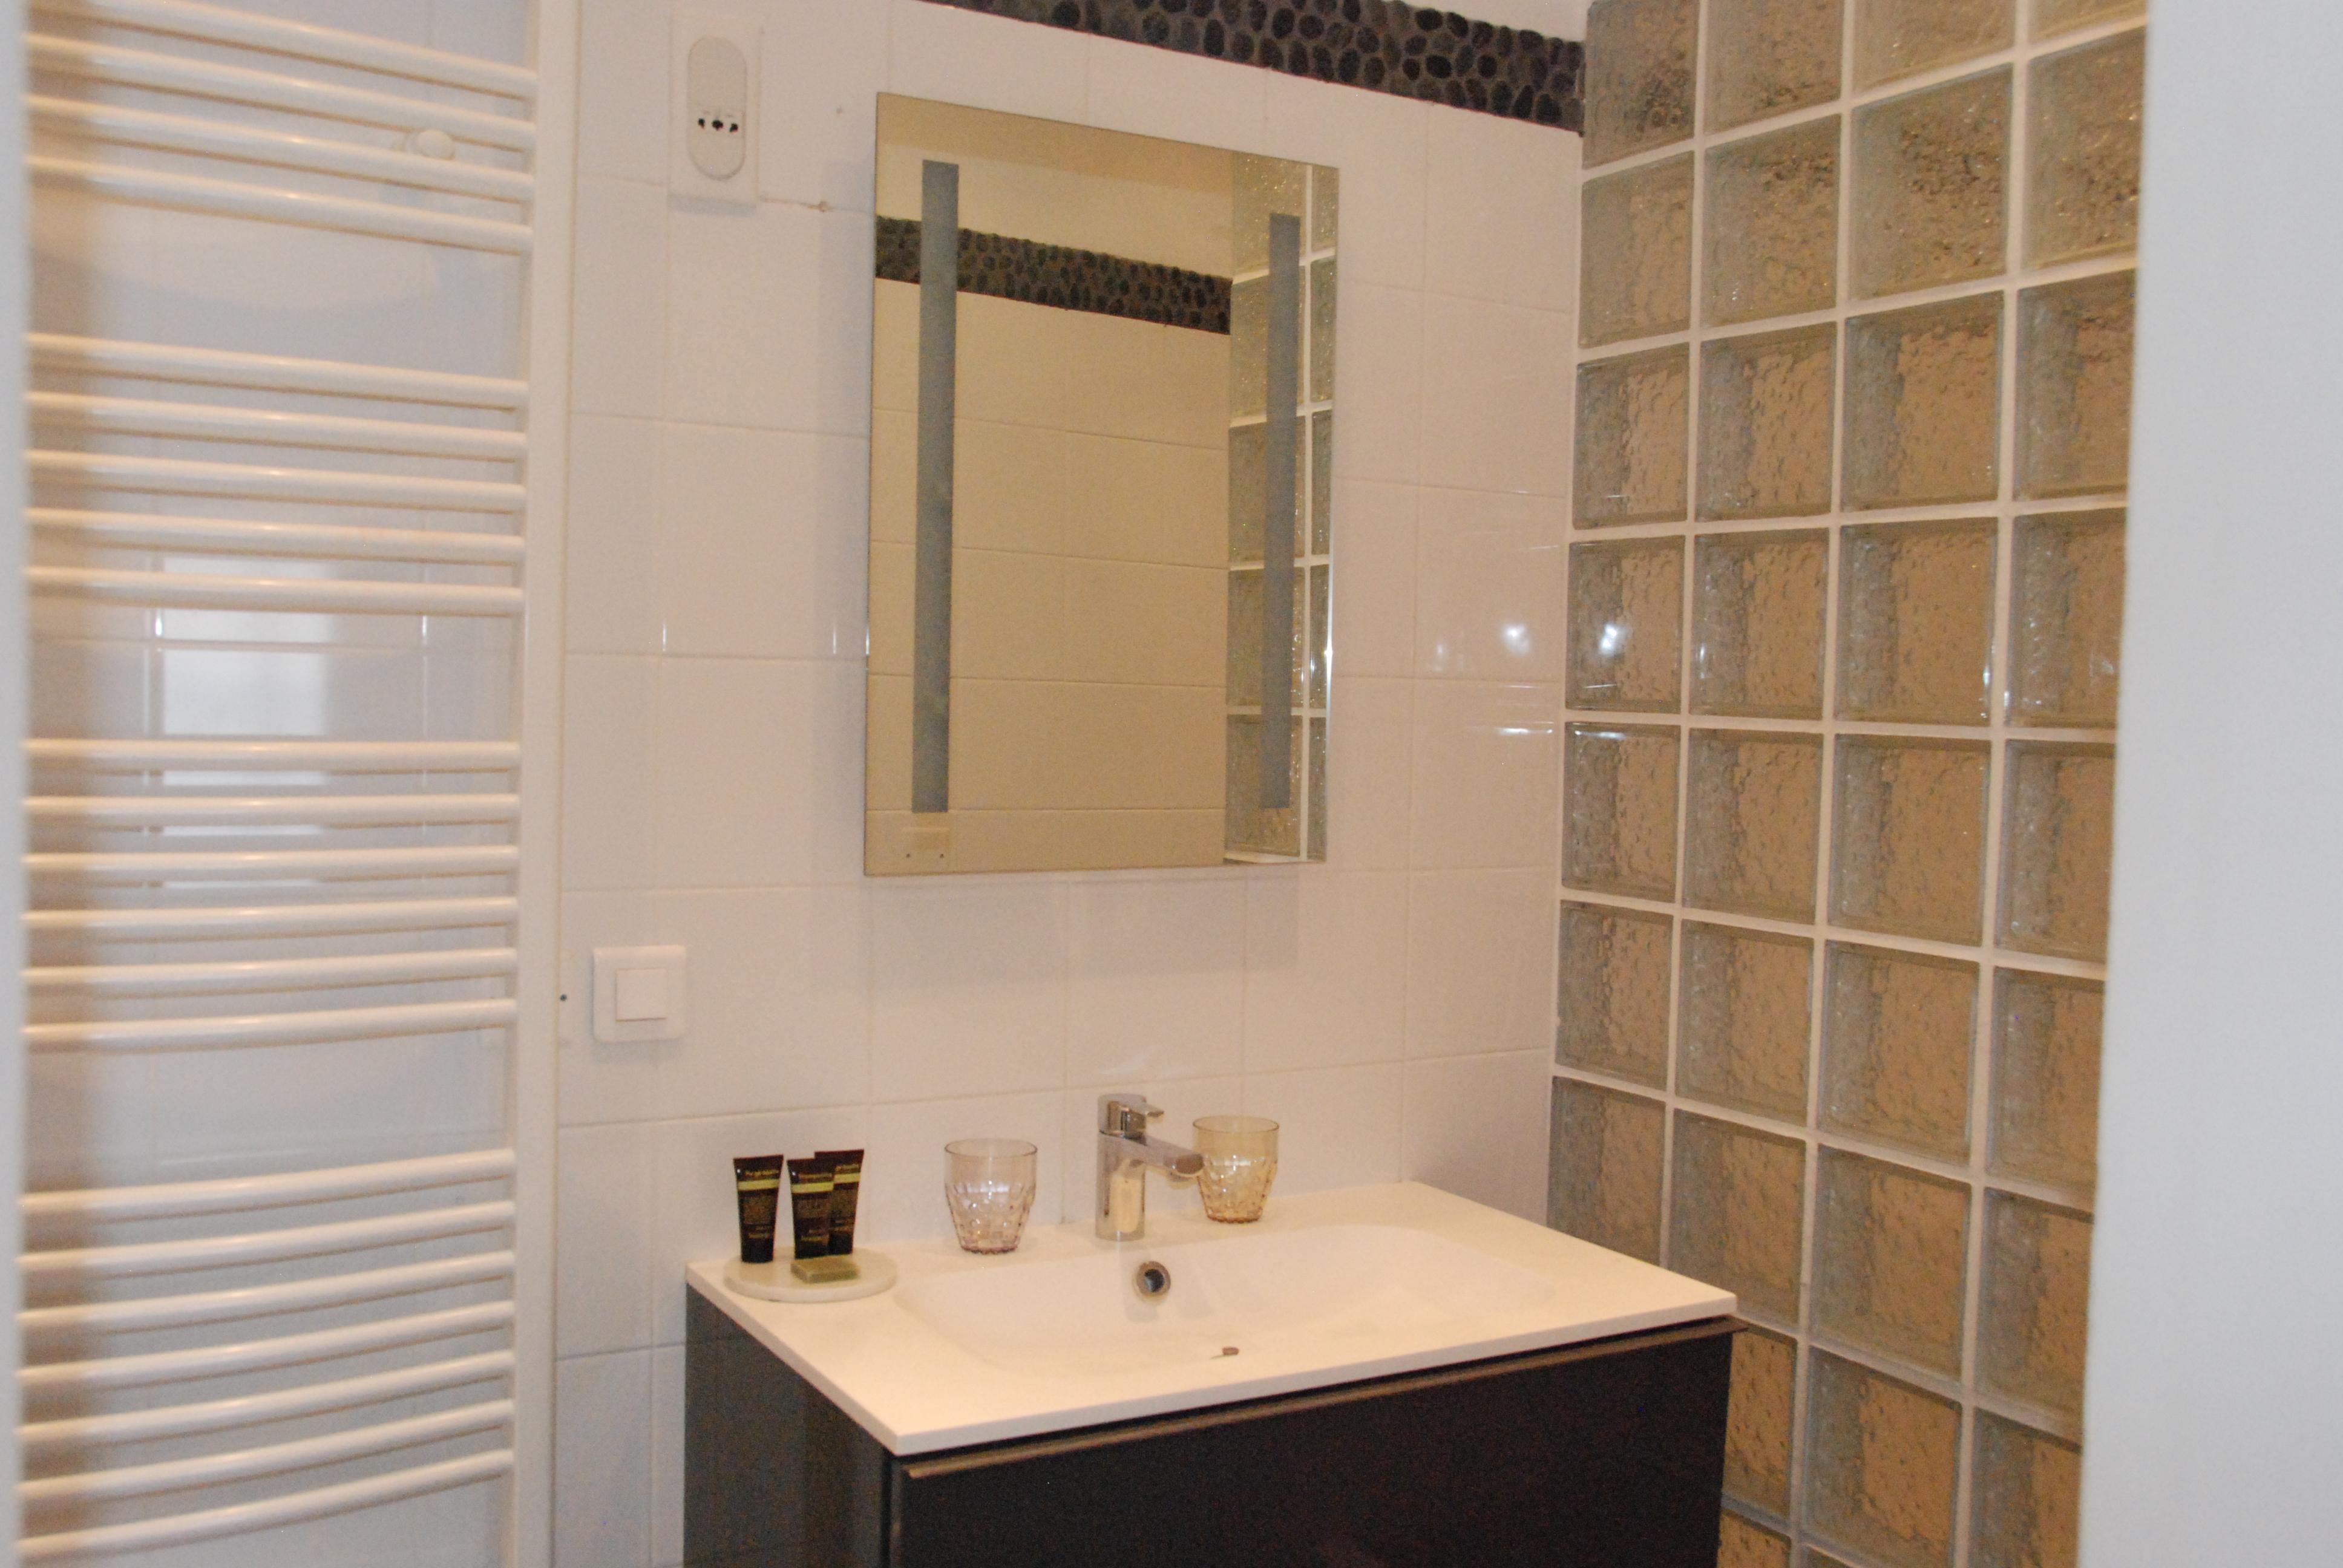 chambre 3 - salle de bain